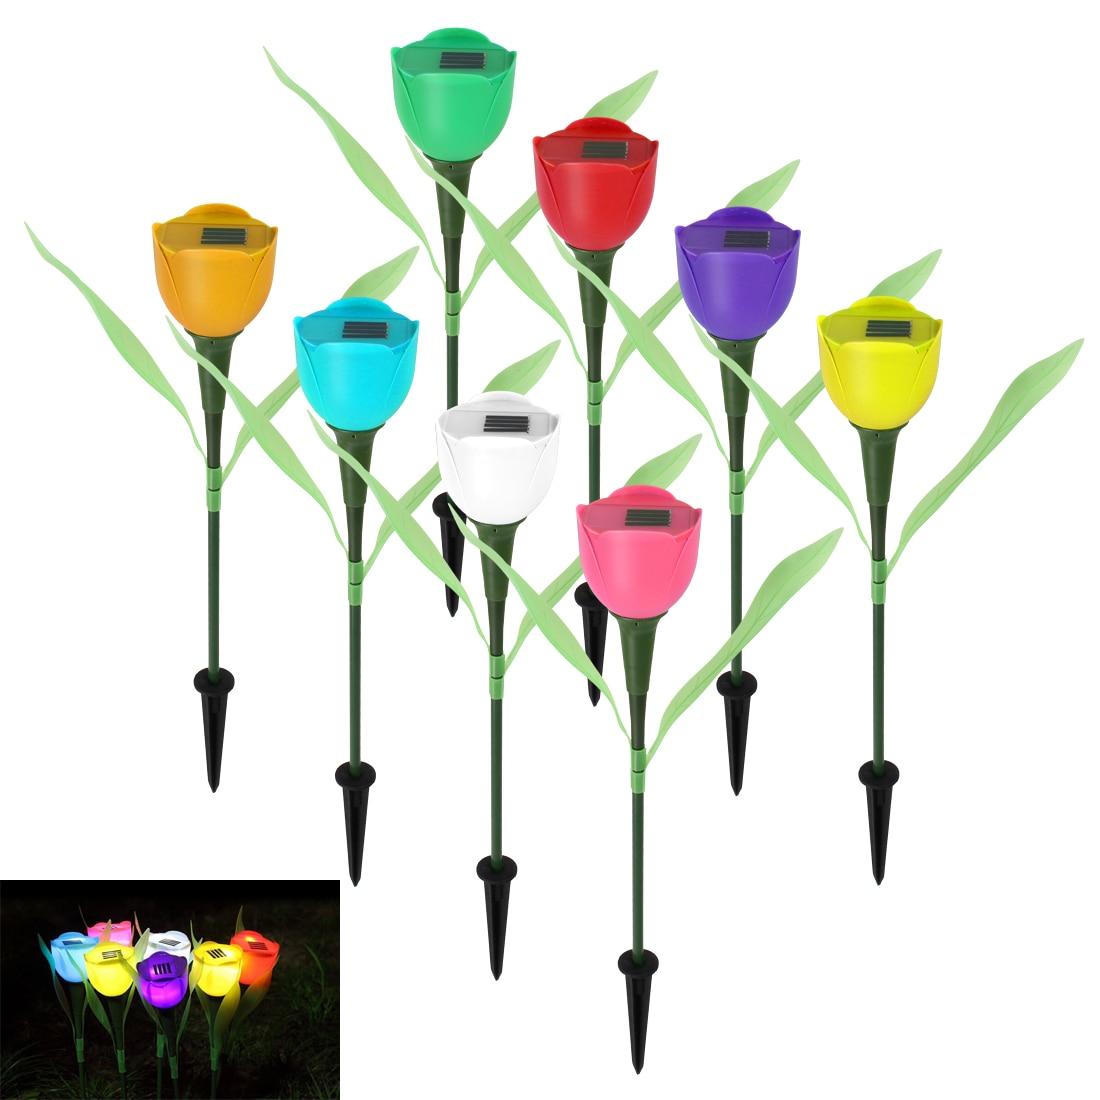 4pcs Tulipa Paisagem Lâmpada De Energia Solar do DIODO EMISSOR de Luz para o Caminho de Jardim Gramado Decoração de Alta Qualidade